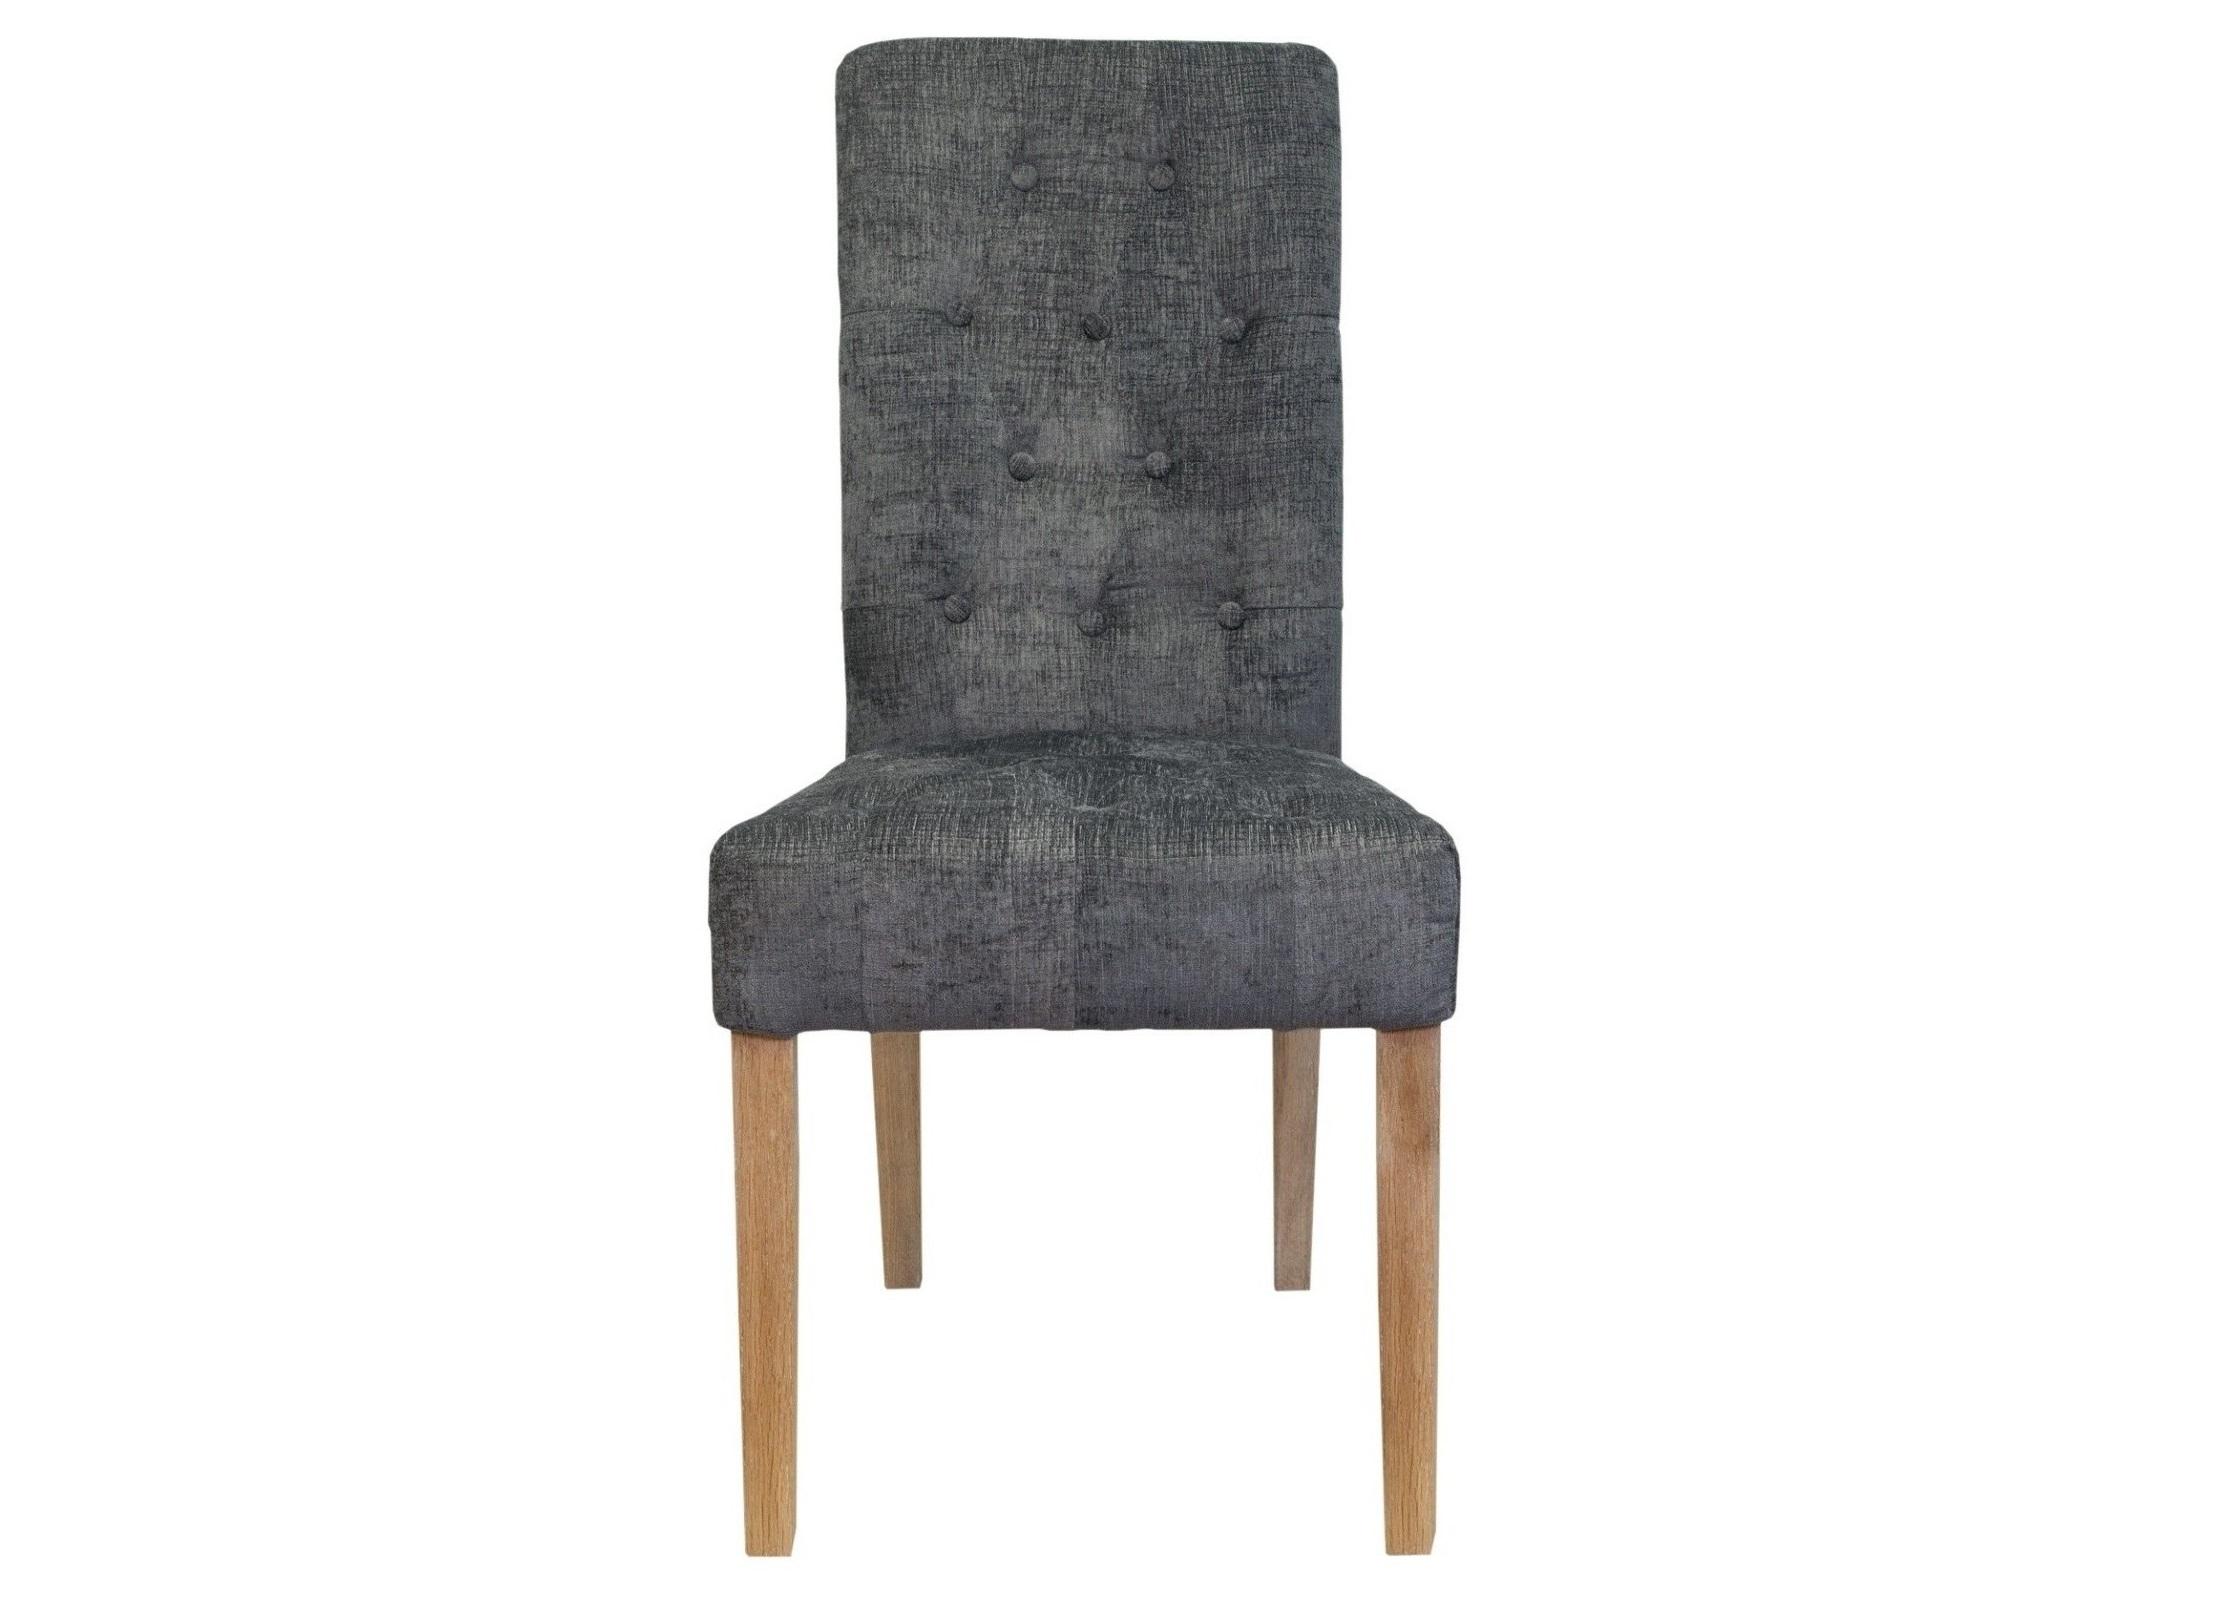 Стул OstinОбеденные стулья<br>Лаконичный и удобный стул Ostin выполнен из натурального дерева и прочной тканевой обивки. Высокая,мягкая спинка стула украшена классической ромбовидной стежкой. Такой стул удачно впишется в столовую зону домашних интерьеров, а также станет удачным приобретением для ресторанов и кафе.<br><br>Material: Дерево<br>Width см: 47<br>Depth см: 58<br>Height см: 100